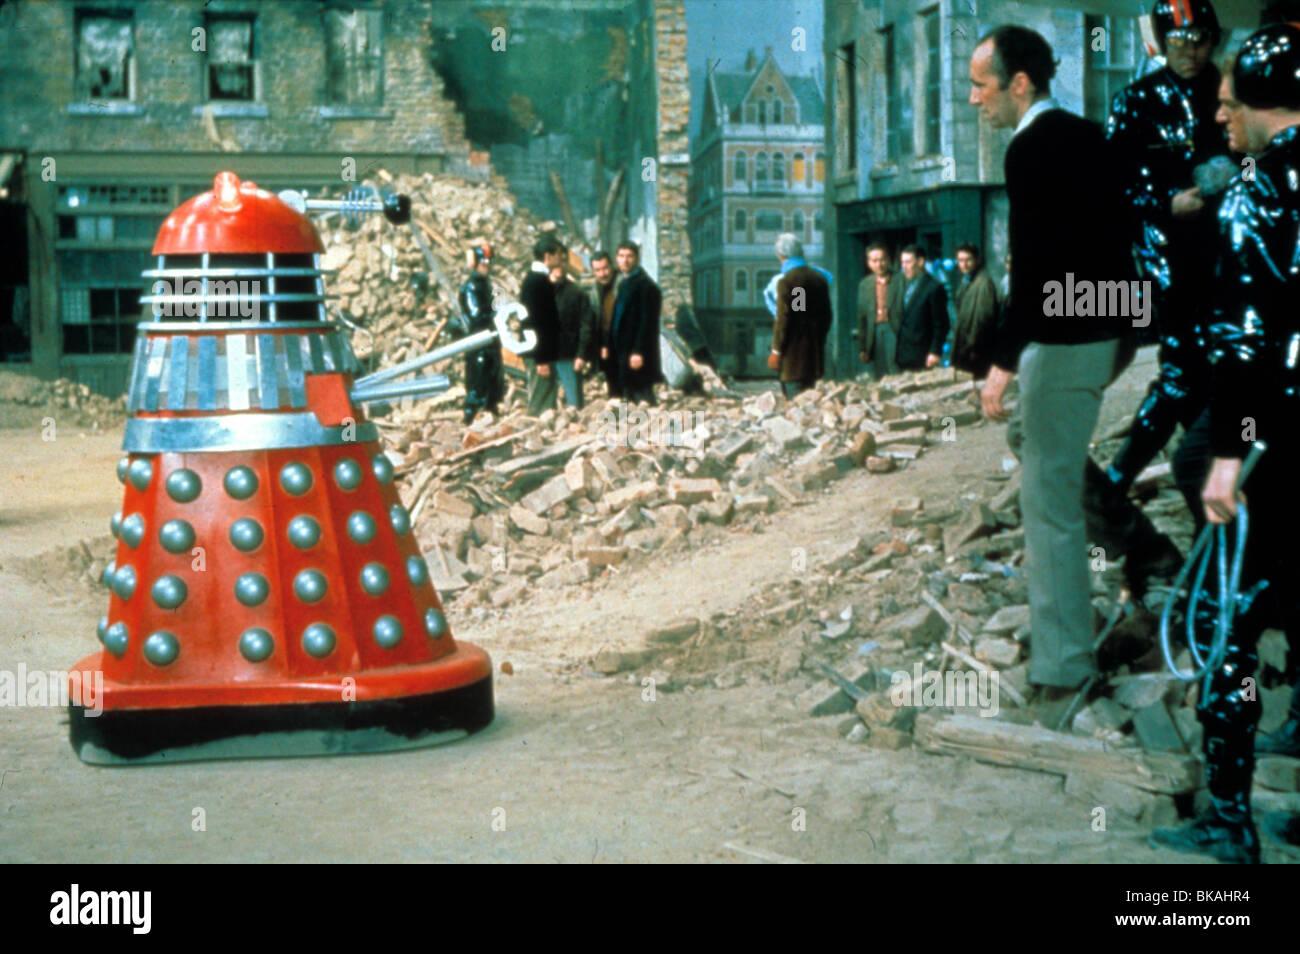 DALEKS: invasione terra 2150 AD (1966) DVET 006 Immagini Stock